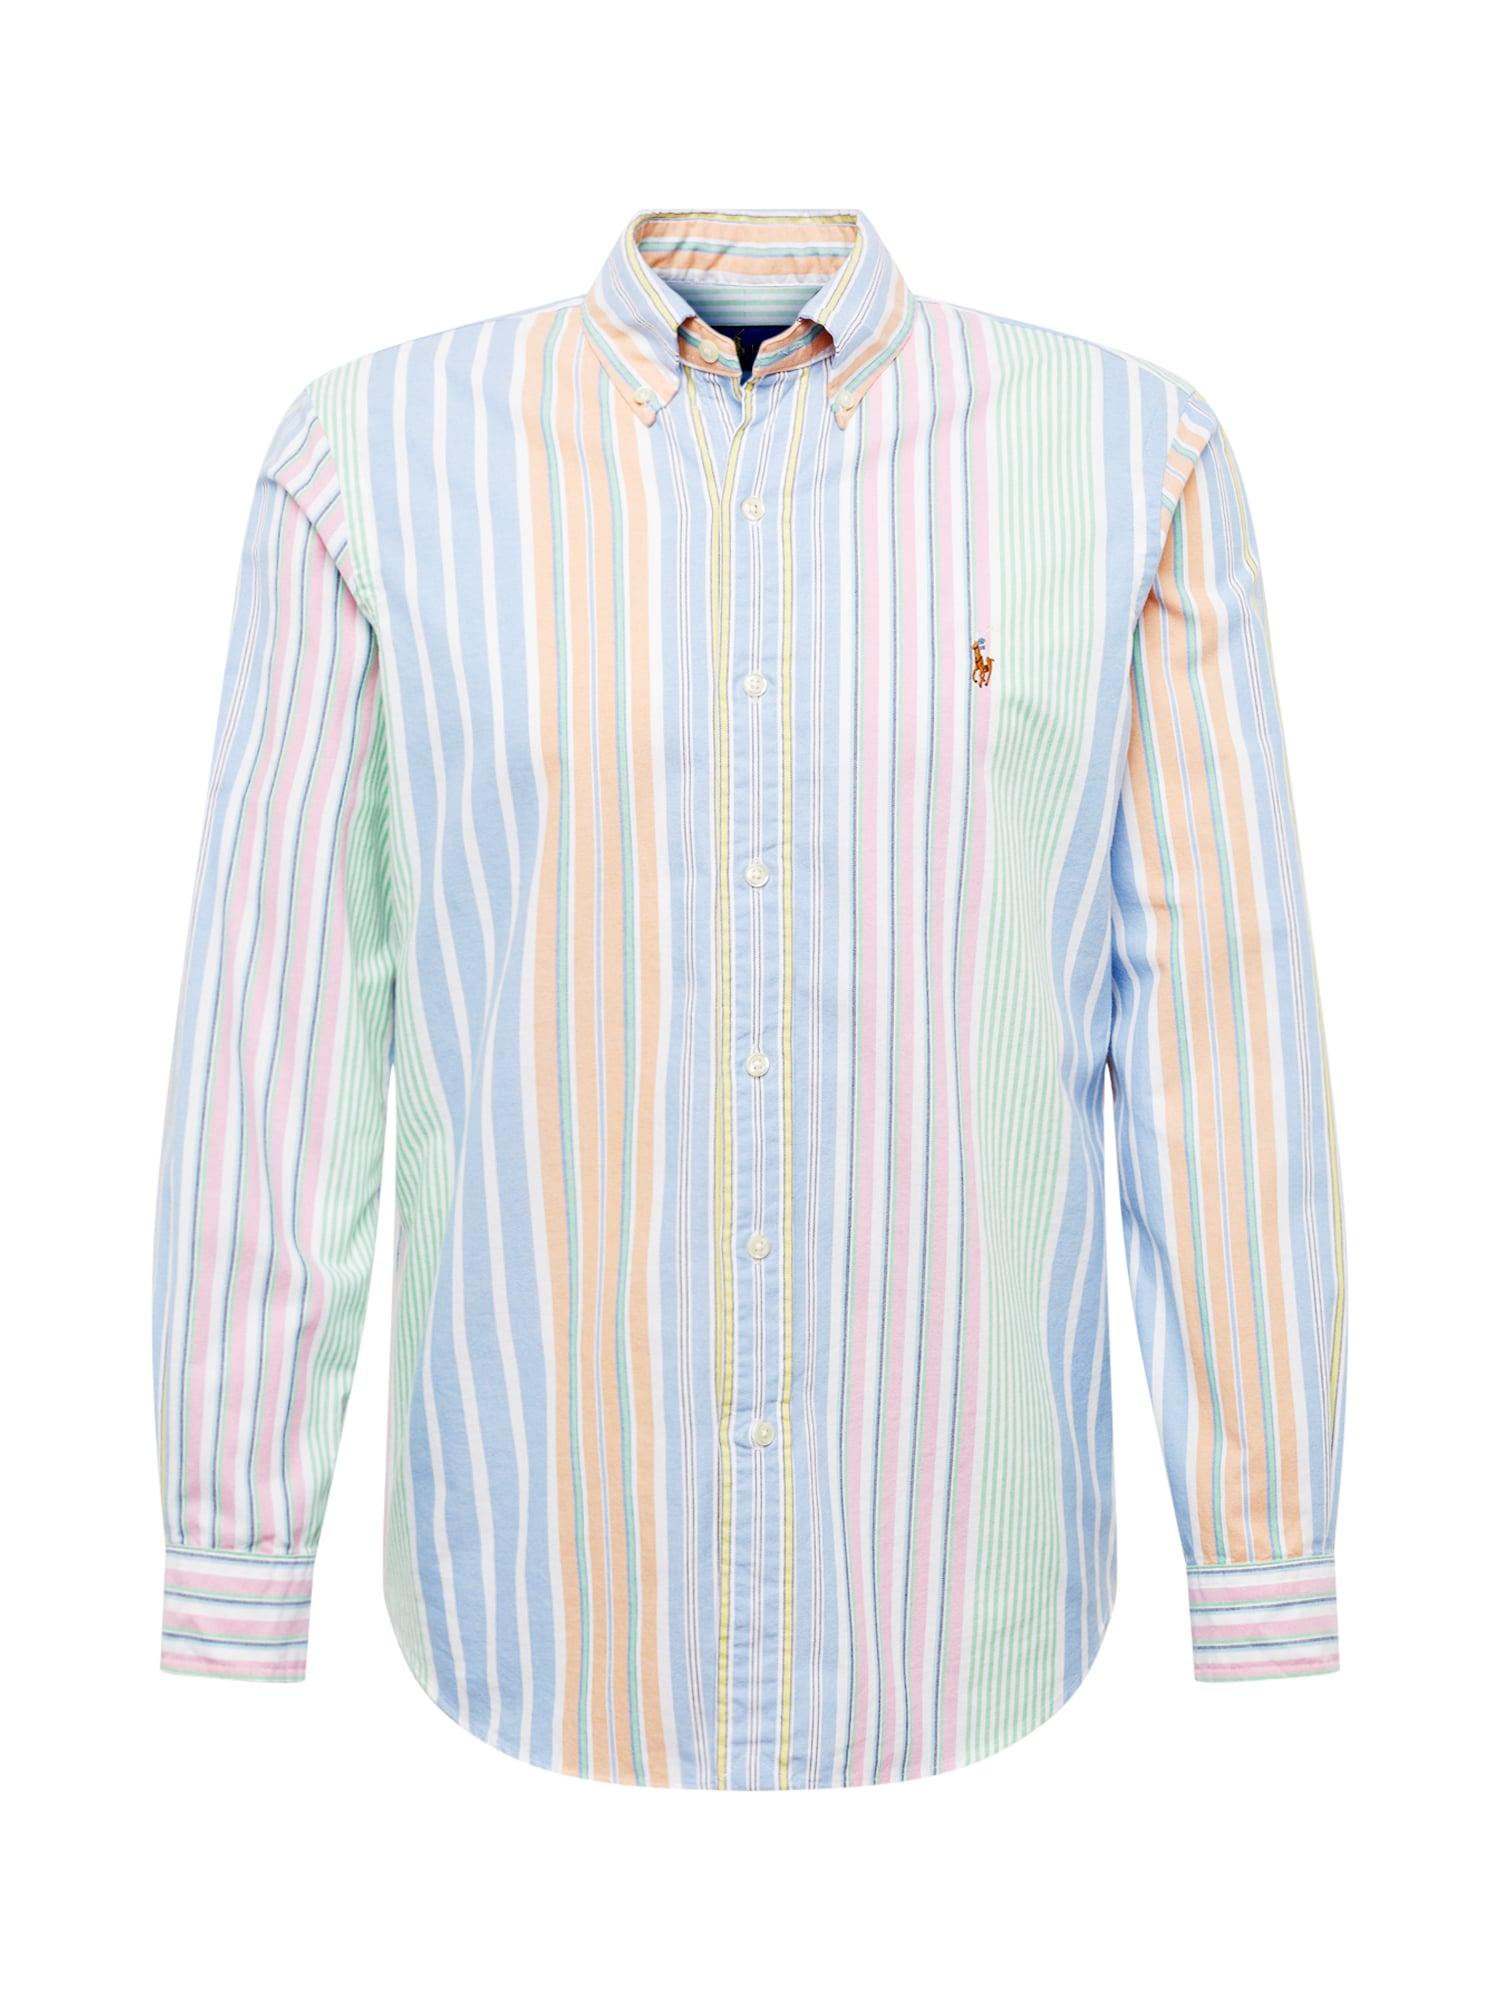 Košile BD PPC SPT-LONG SLEEVE-SPORT SHIRT modrá světle zelená jasně oranžová starorůžová POLO RALPH LAUREN